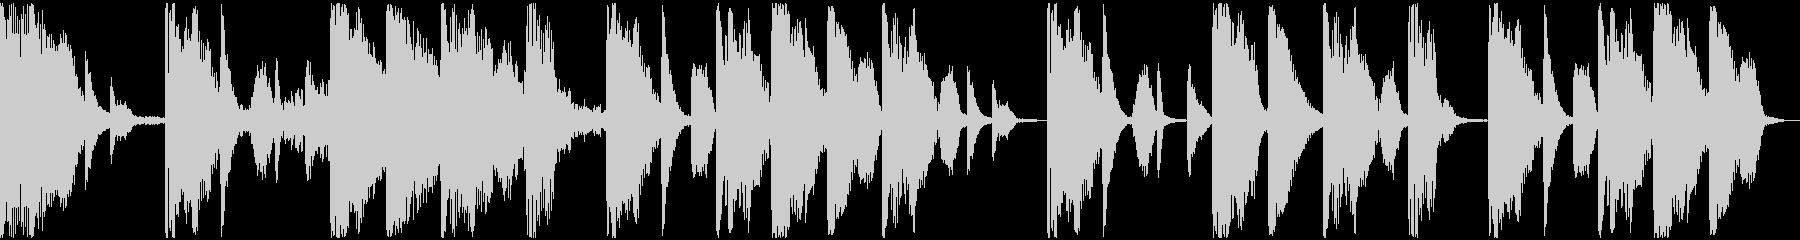 【ミステリアス】ロング1、ショート1の未再生の波形